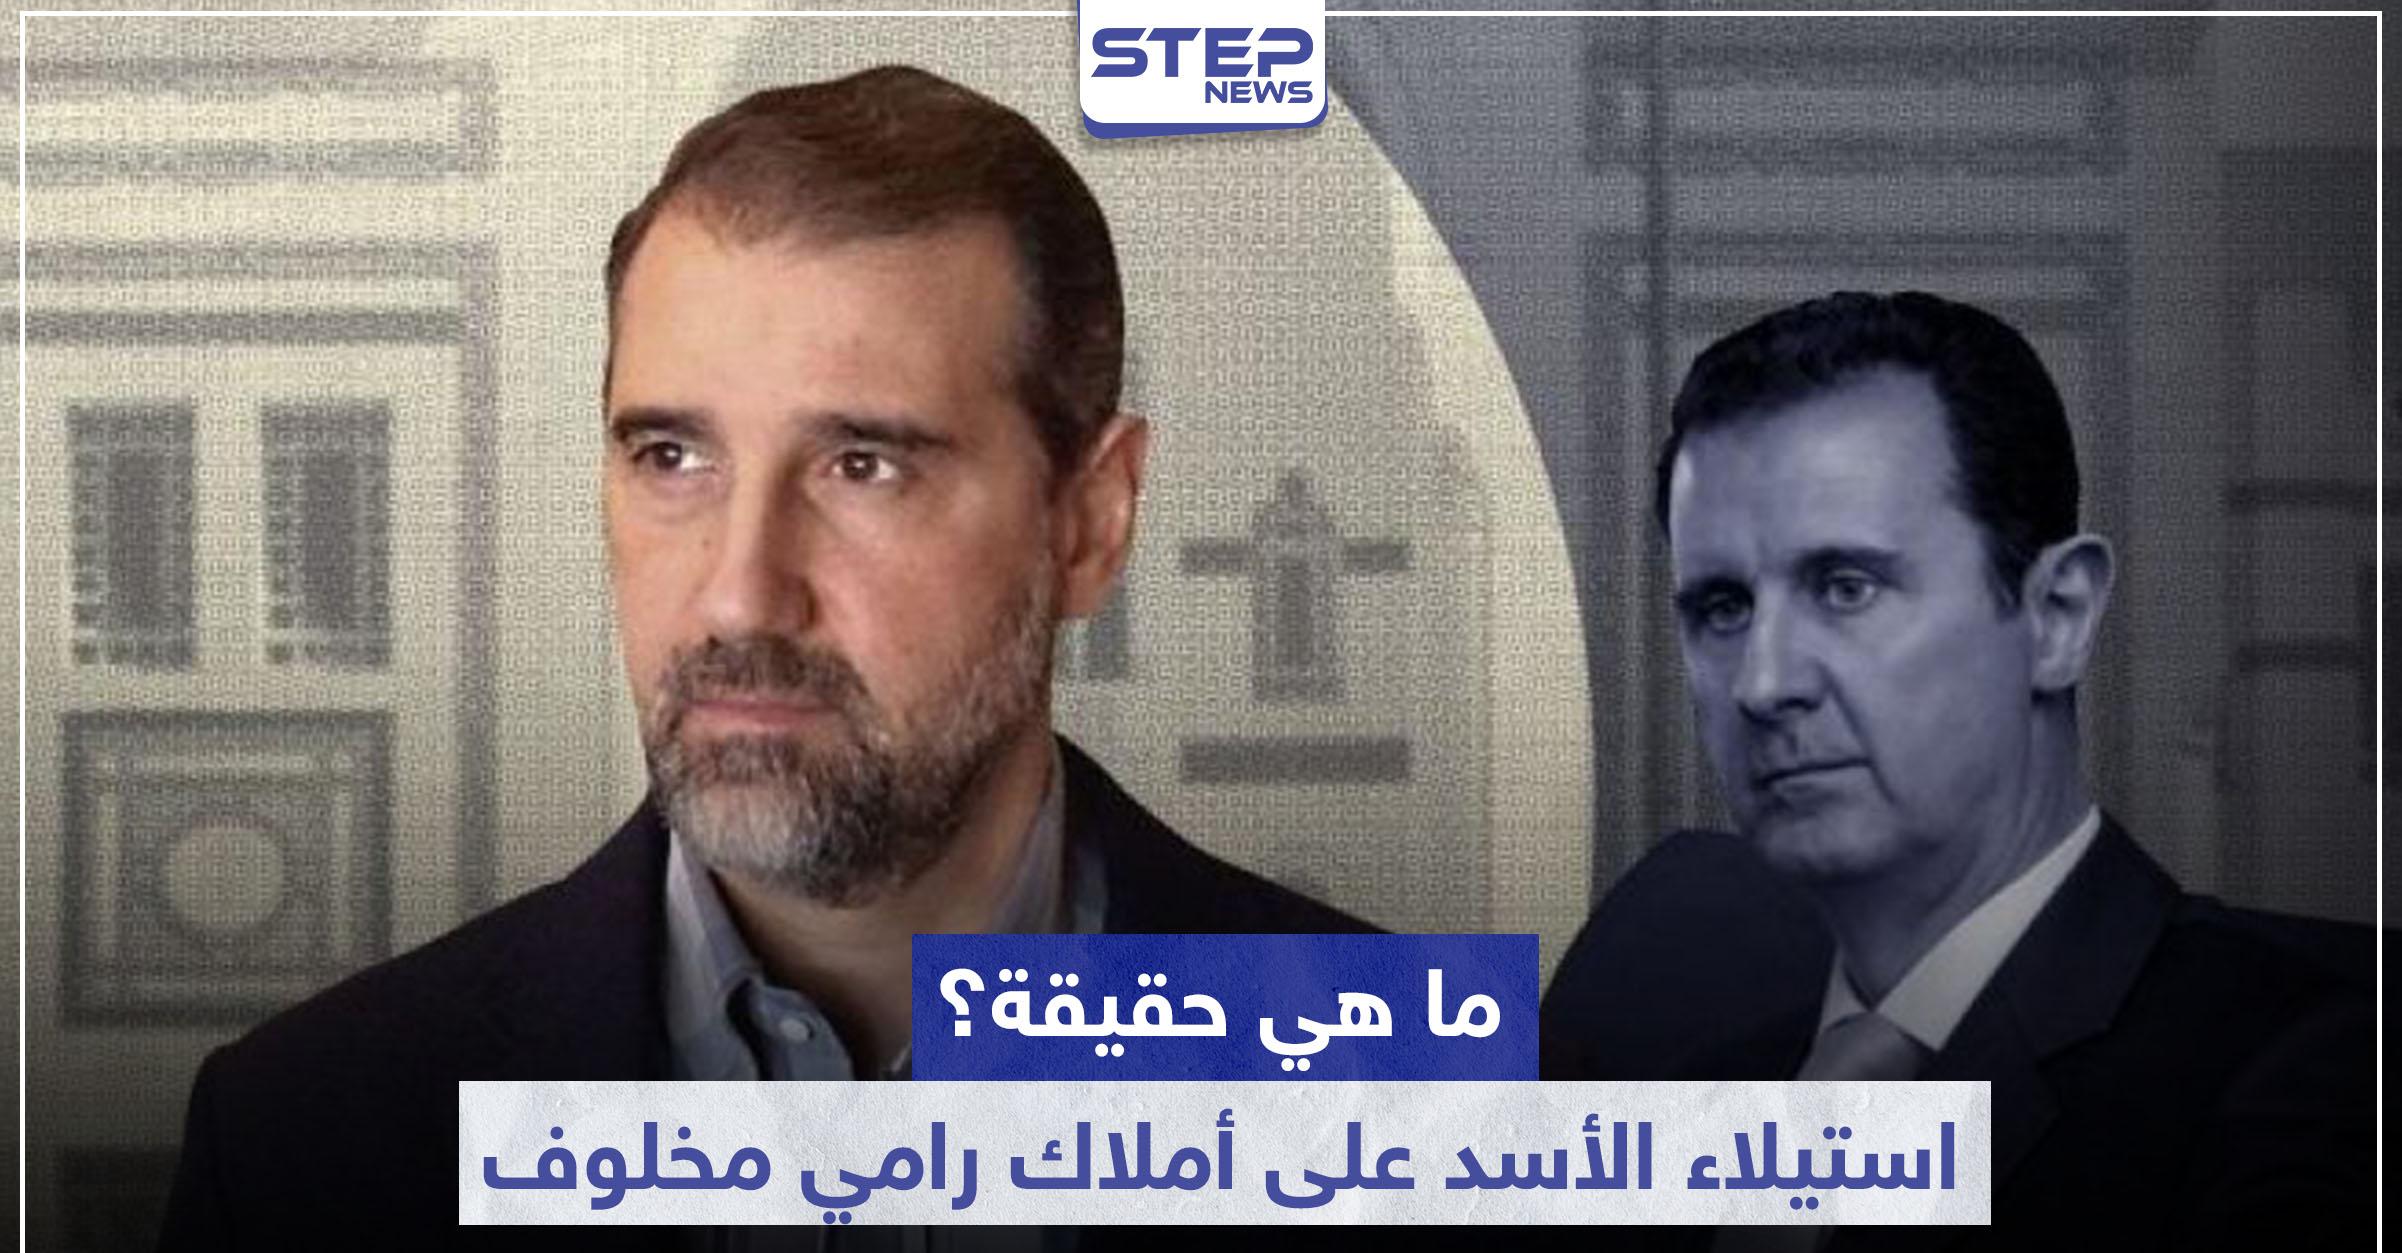 سبب استيلاء الأسد على أملاك رامي مخلوف